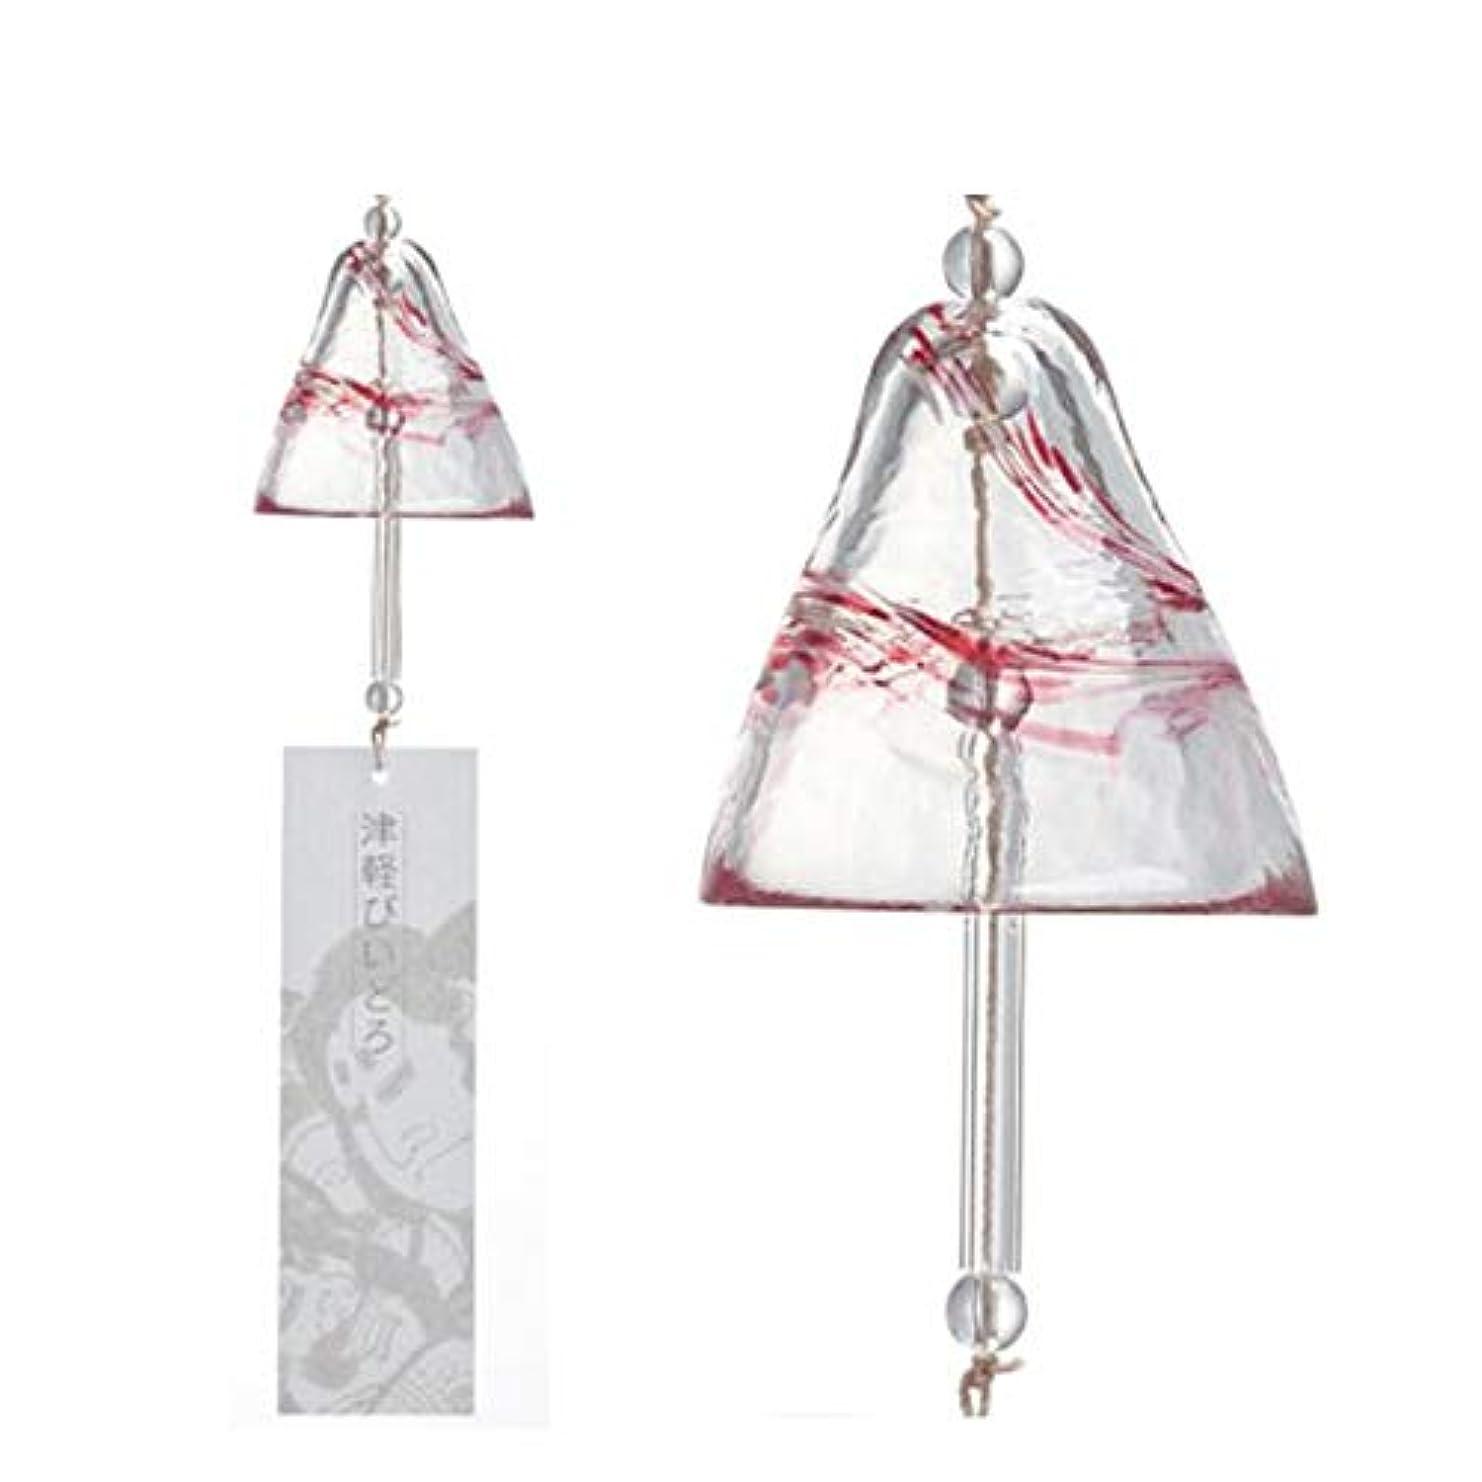 ヒゲクジラつなぐシュリンクQiyuezhuangshi 風チャイム、クリスタルガラス風チャイム、ドア飾りペンダント、レッド、サイズ75x76mmハンギング,美しいホリデーギフト (Color : Red)